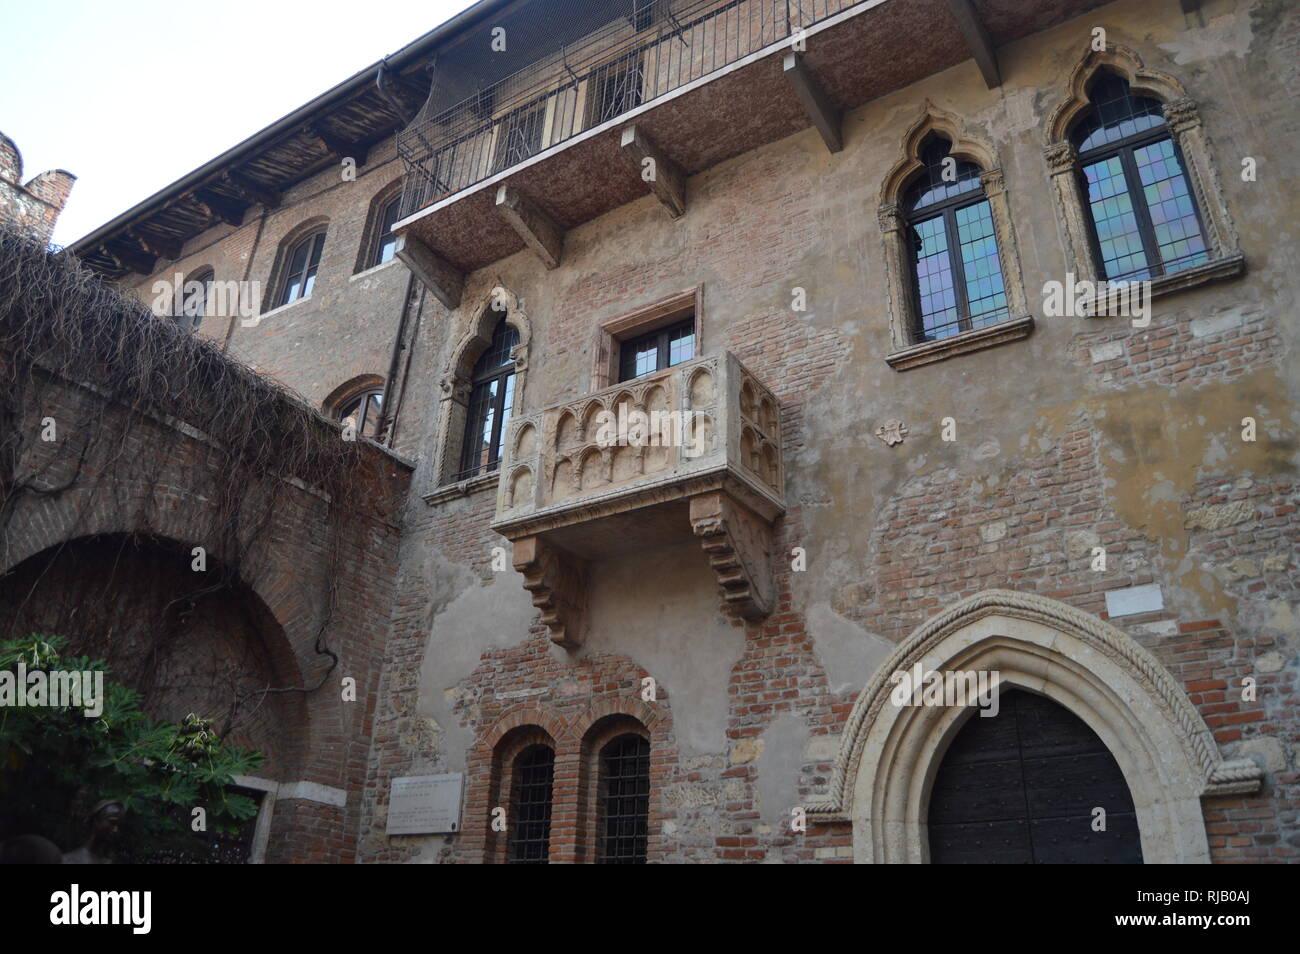 Balcony Of Juliet's House In Verona. Travel, holidays, architecture. March 30, 2015. Verona, Veneto region, Italy. Stock Photo